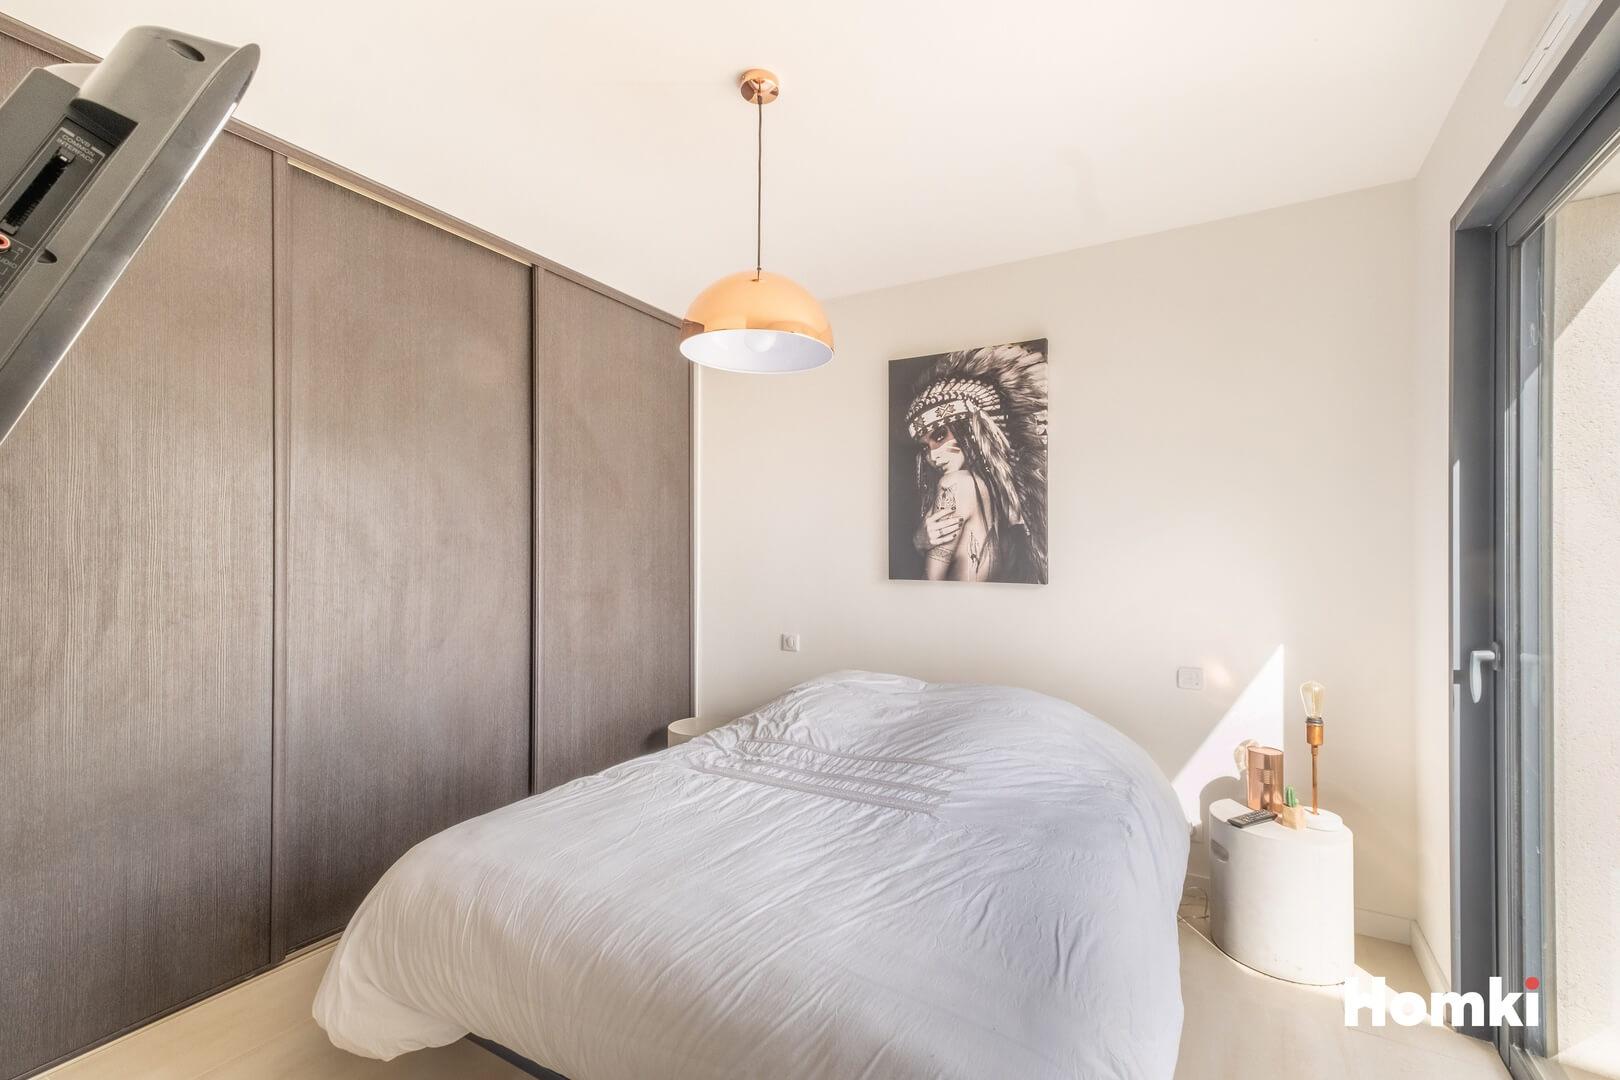 Homki - Vente Maison/villa  de 156.0 m² à Castelmaurou 31180